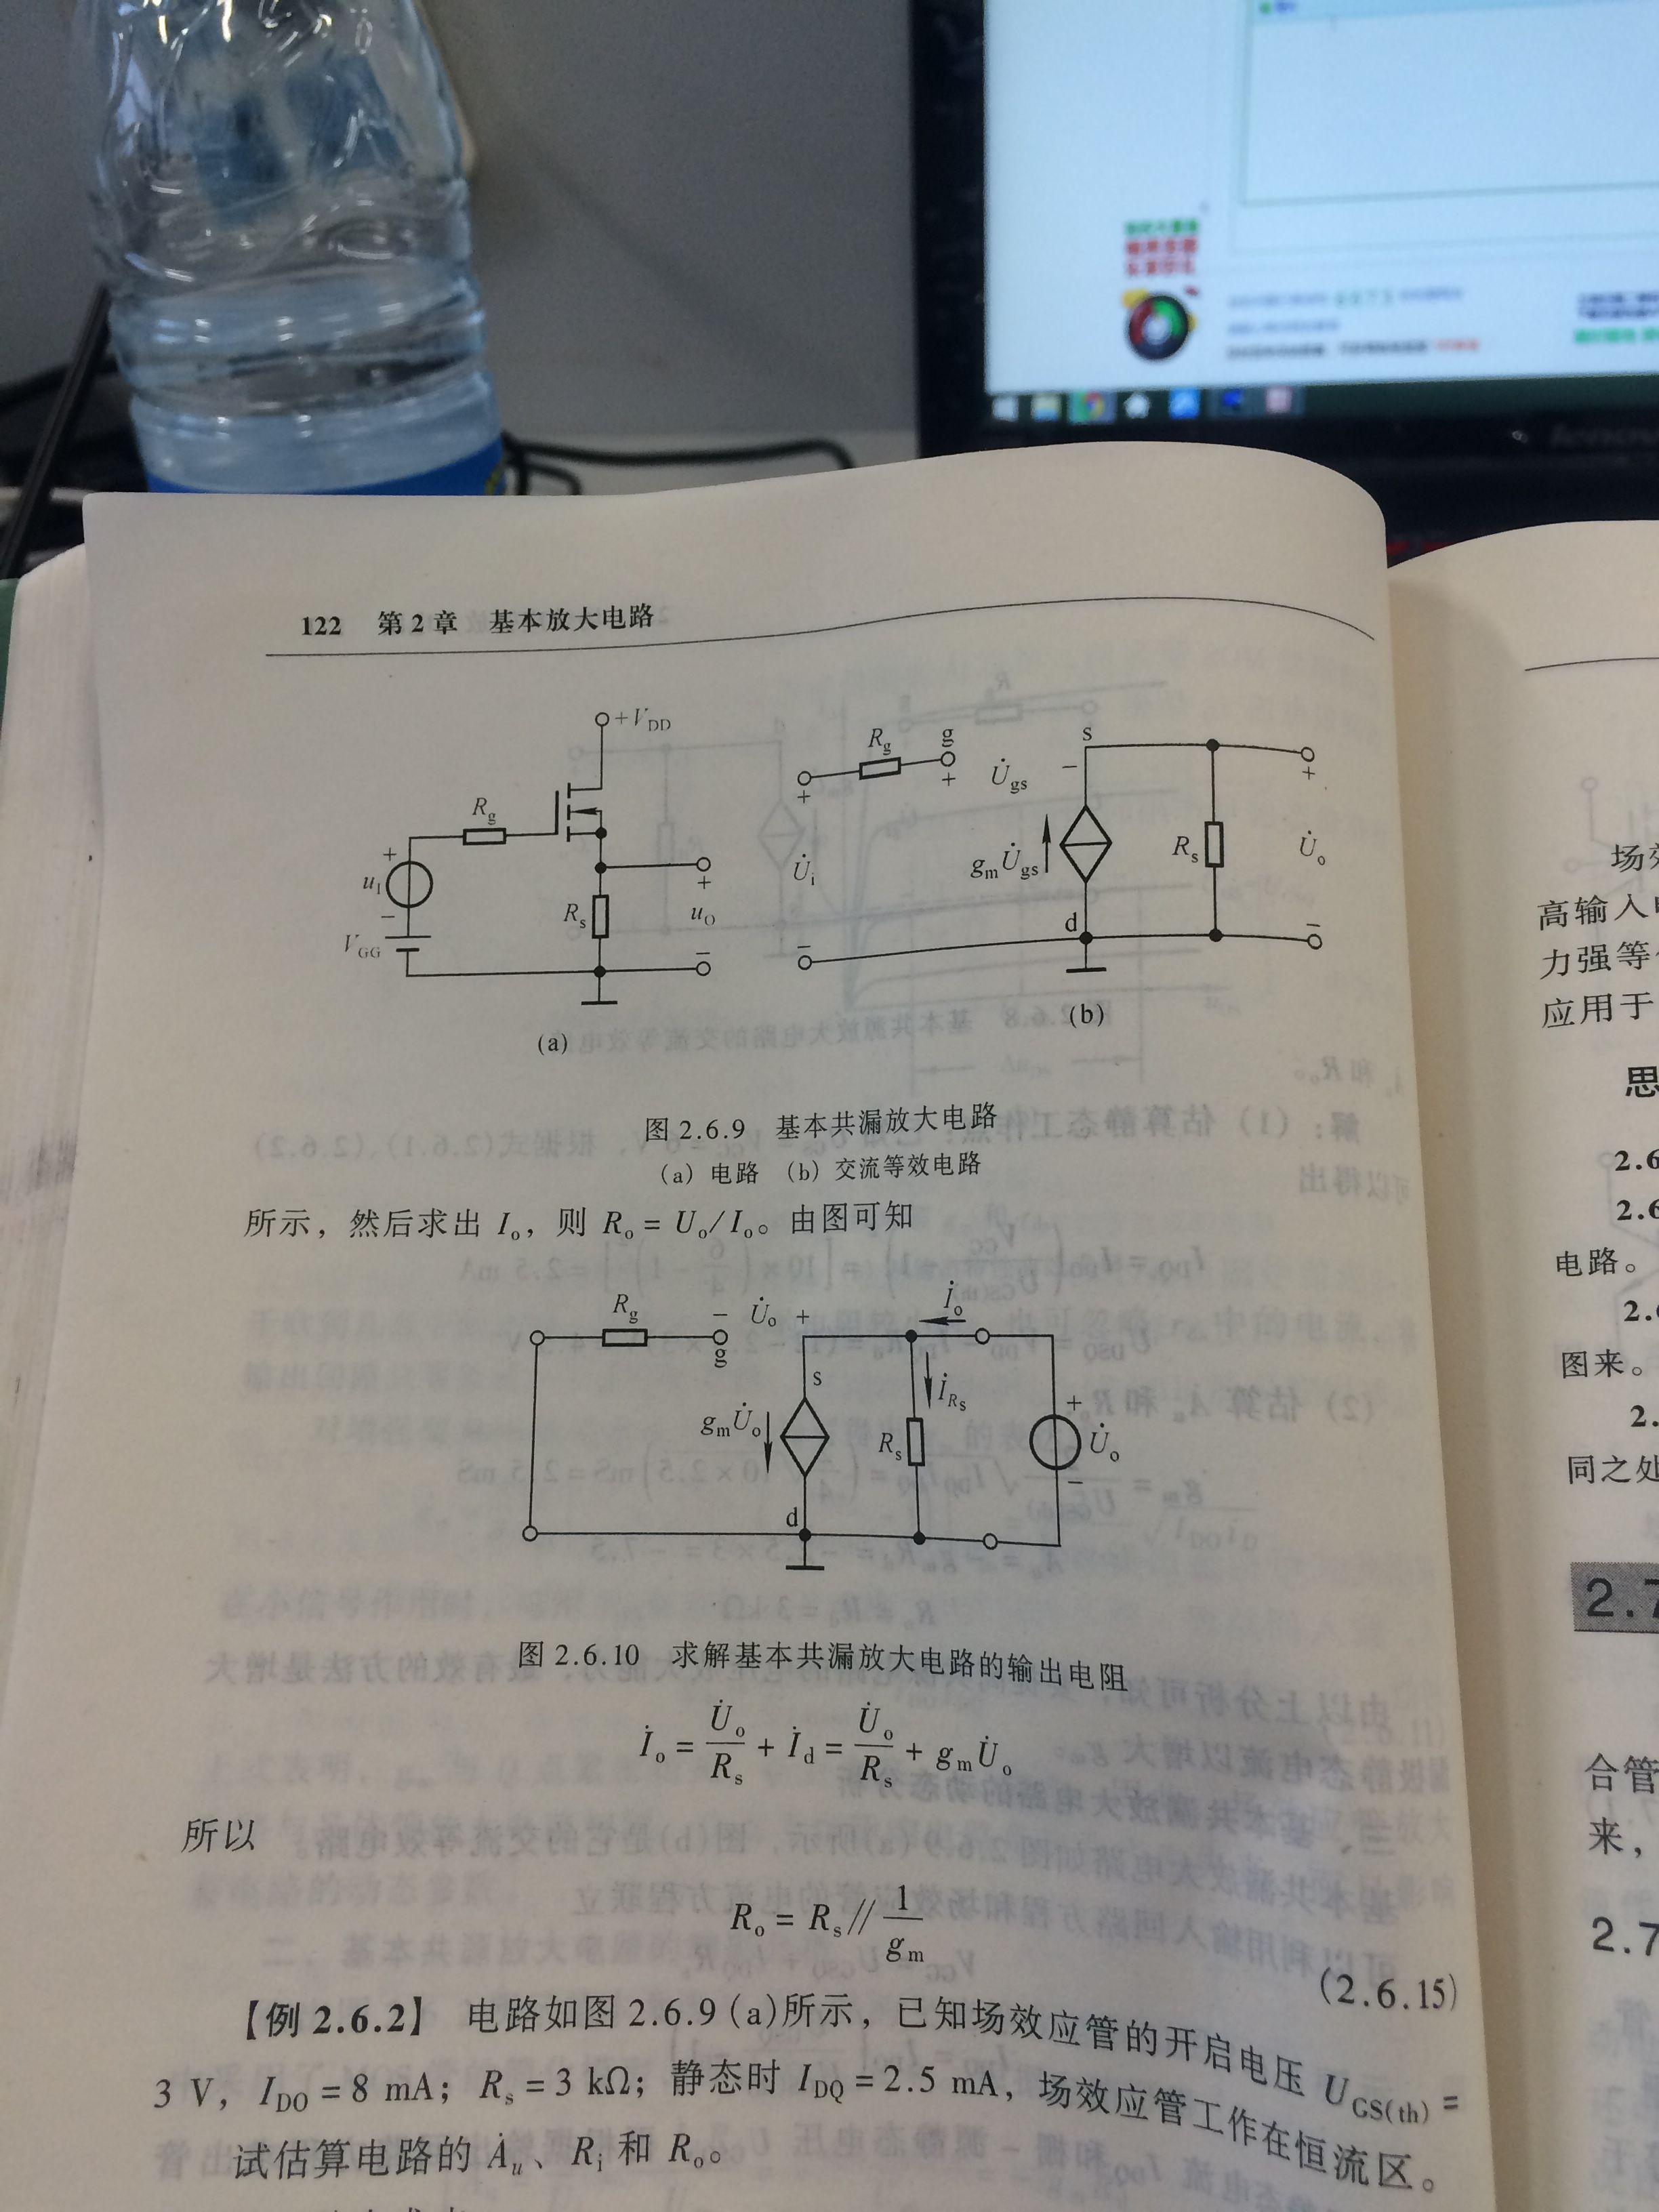 基本共漏放大电路动态分析时电流源为什么不看做断路